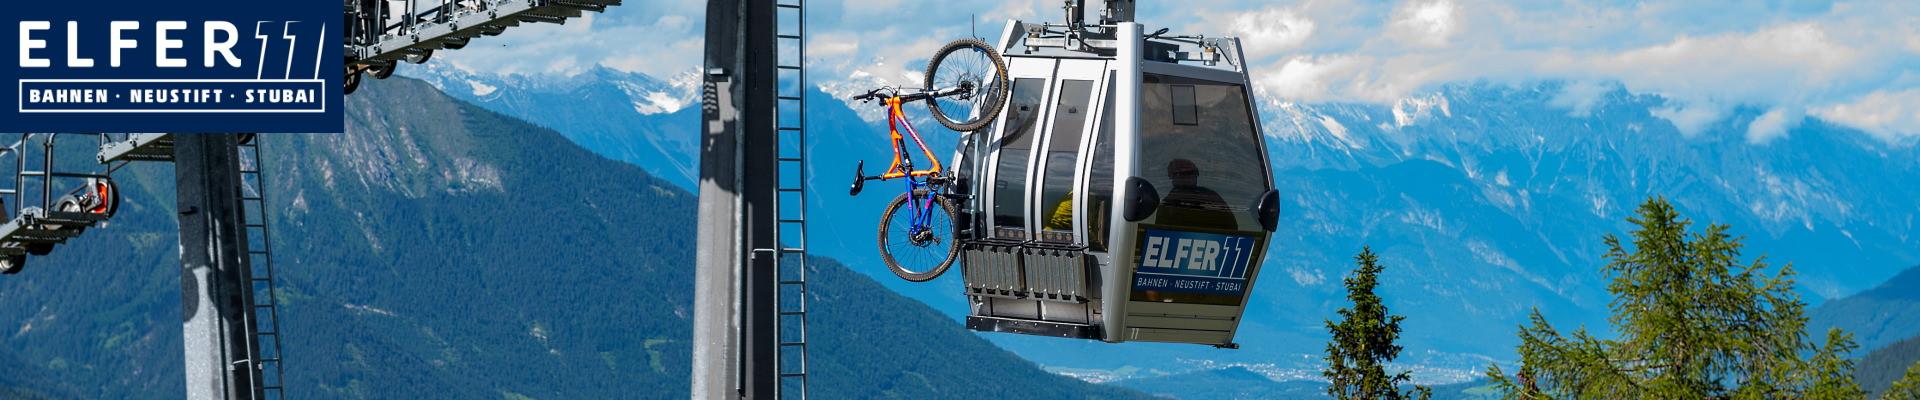 Elferbahnen Gondel mit Mountainbike